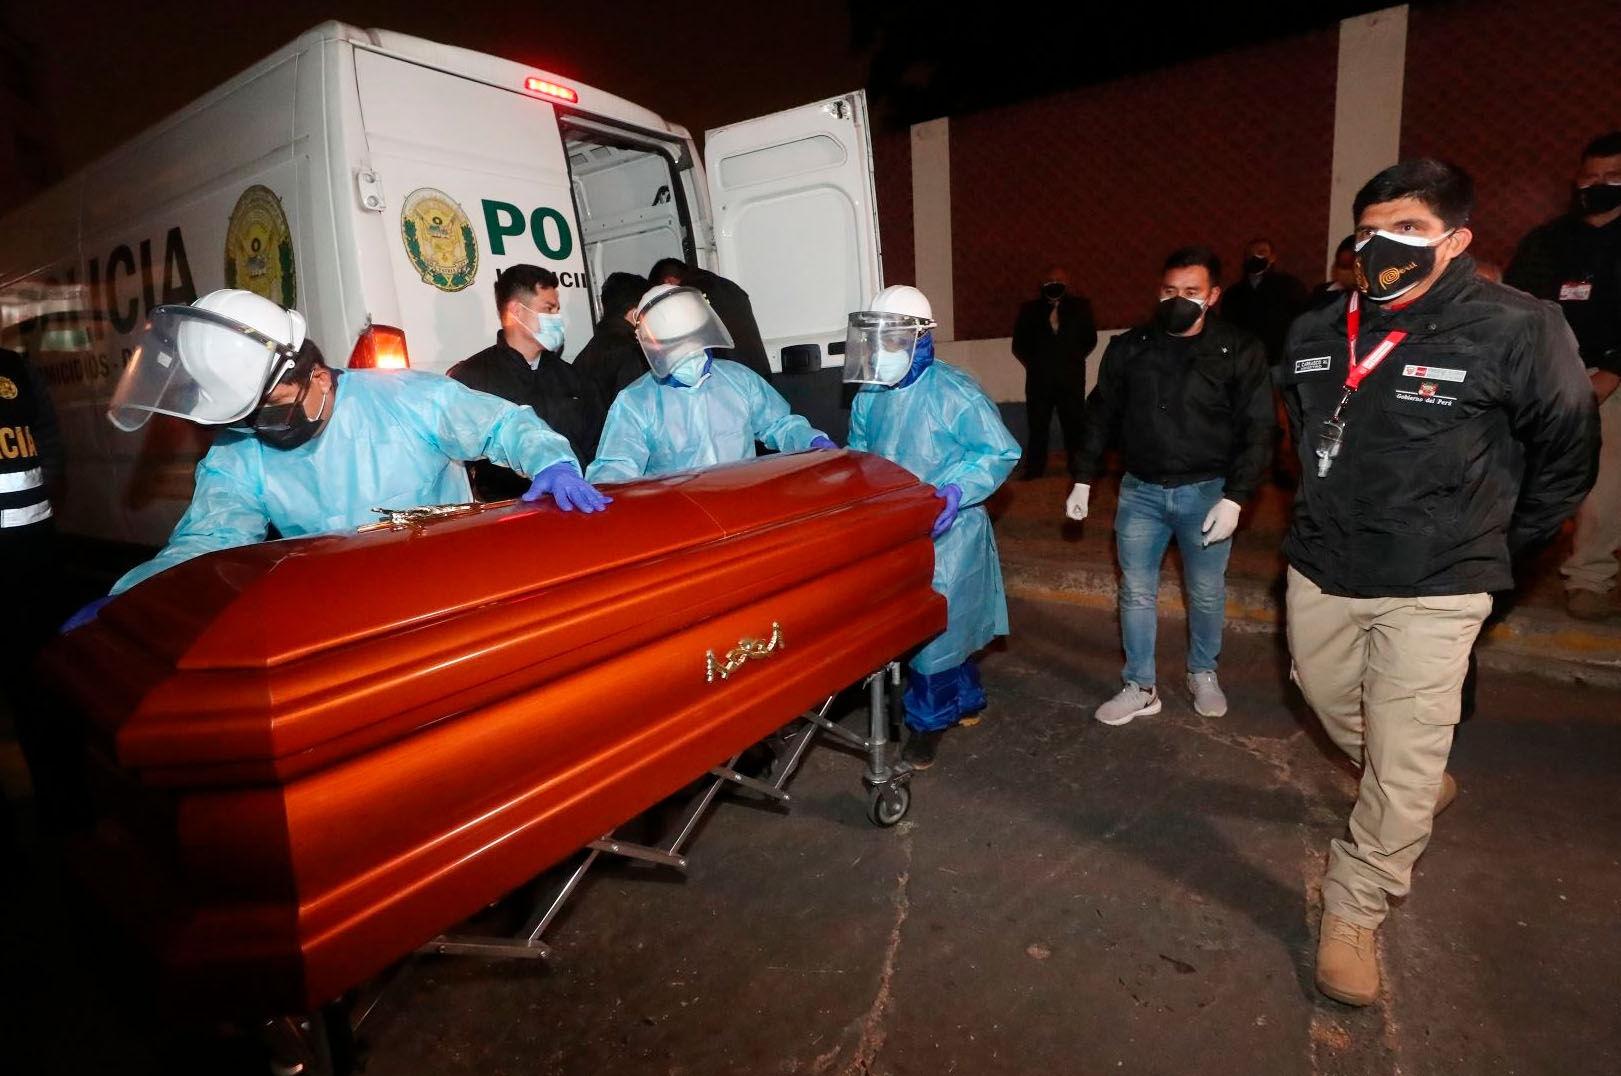 El Gobierno peruano confirma que se ha incinerado el cadáver del terrorista Abimael Guzmán - Libertad Digital